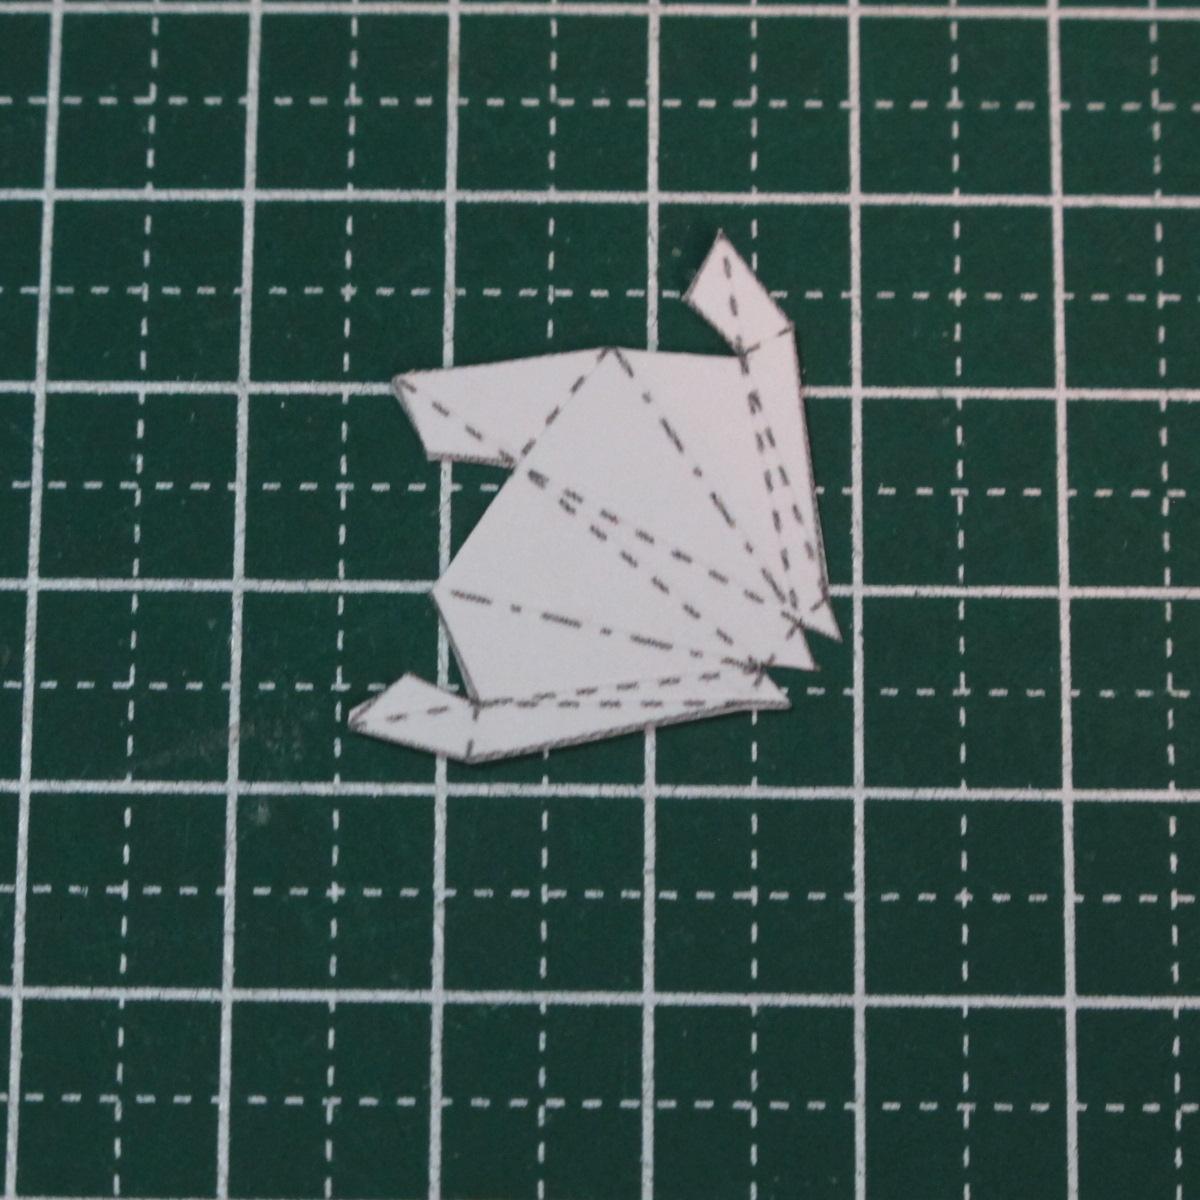 วิธีการทำโมเดลกระดาษเป็นสตอเบอรี่สีแดง 001